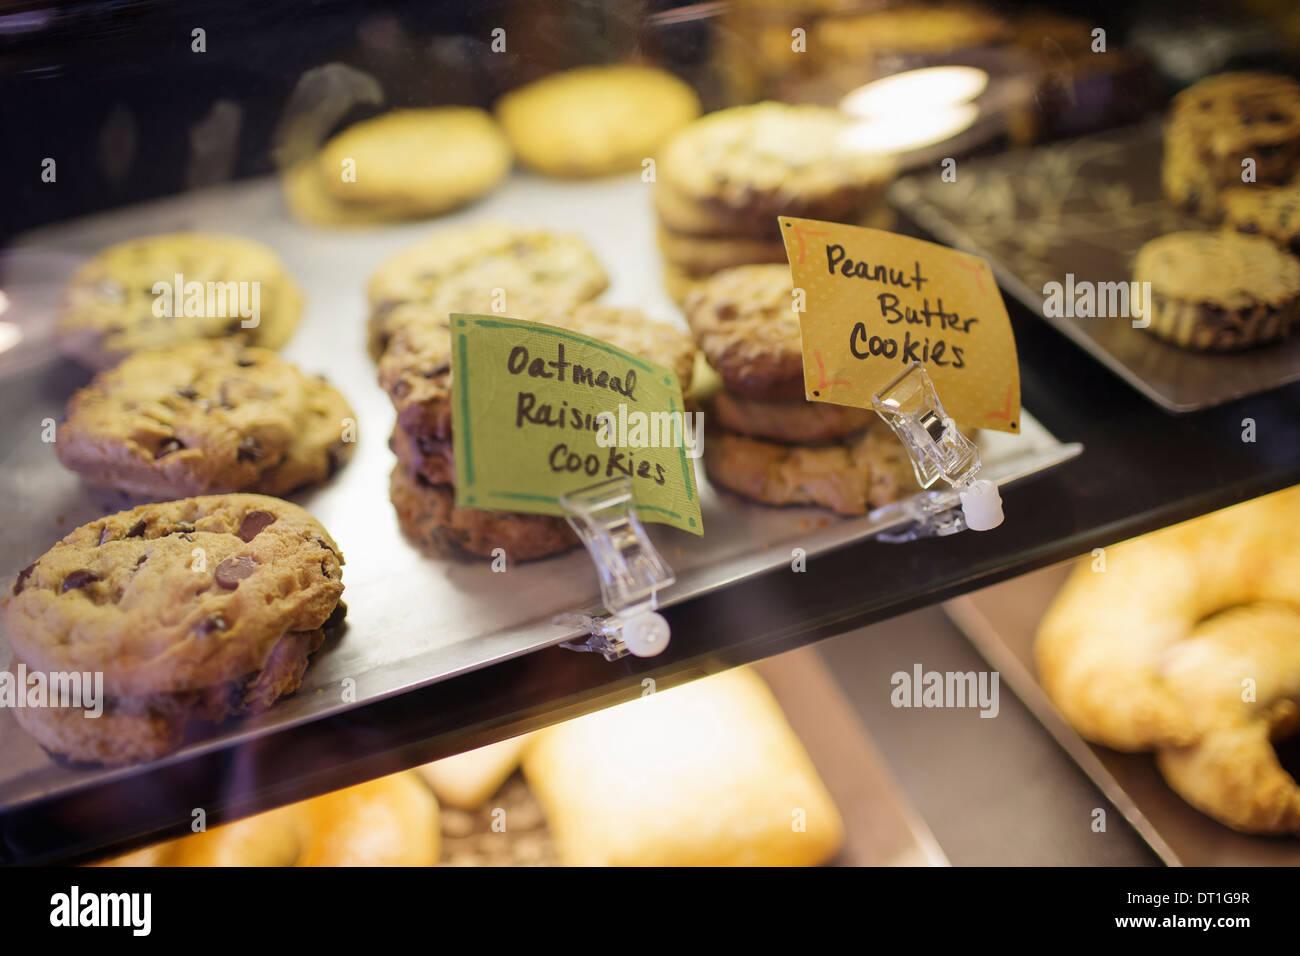 Un plateau de cookies biscuits et produits de boulangerie sur le comptoir dans un café et acheter quelques en-cas faits maison fraîchement Étiquettes Photo Stock